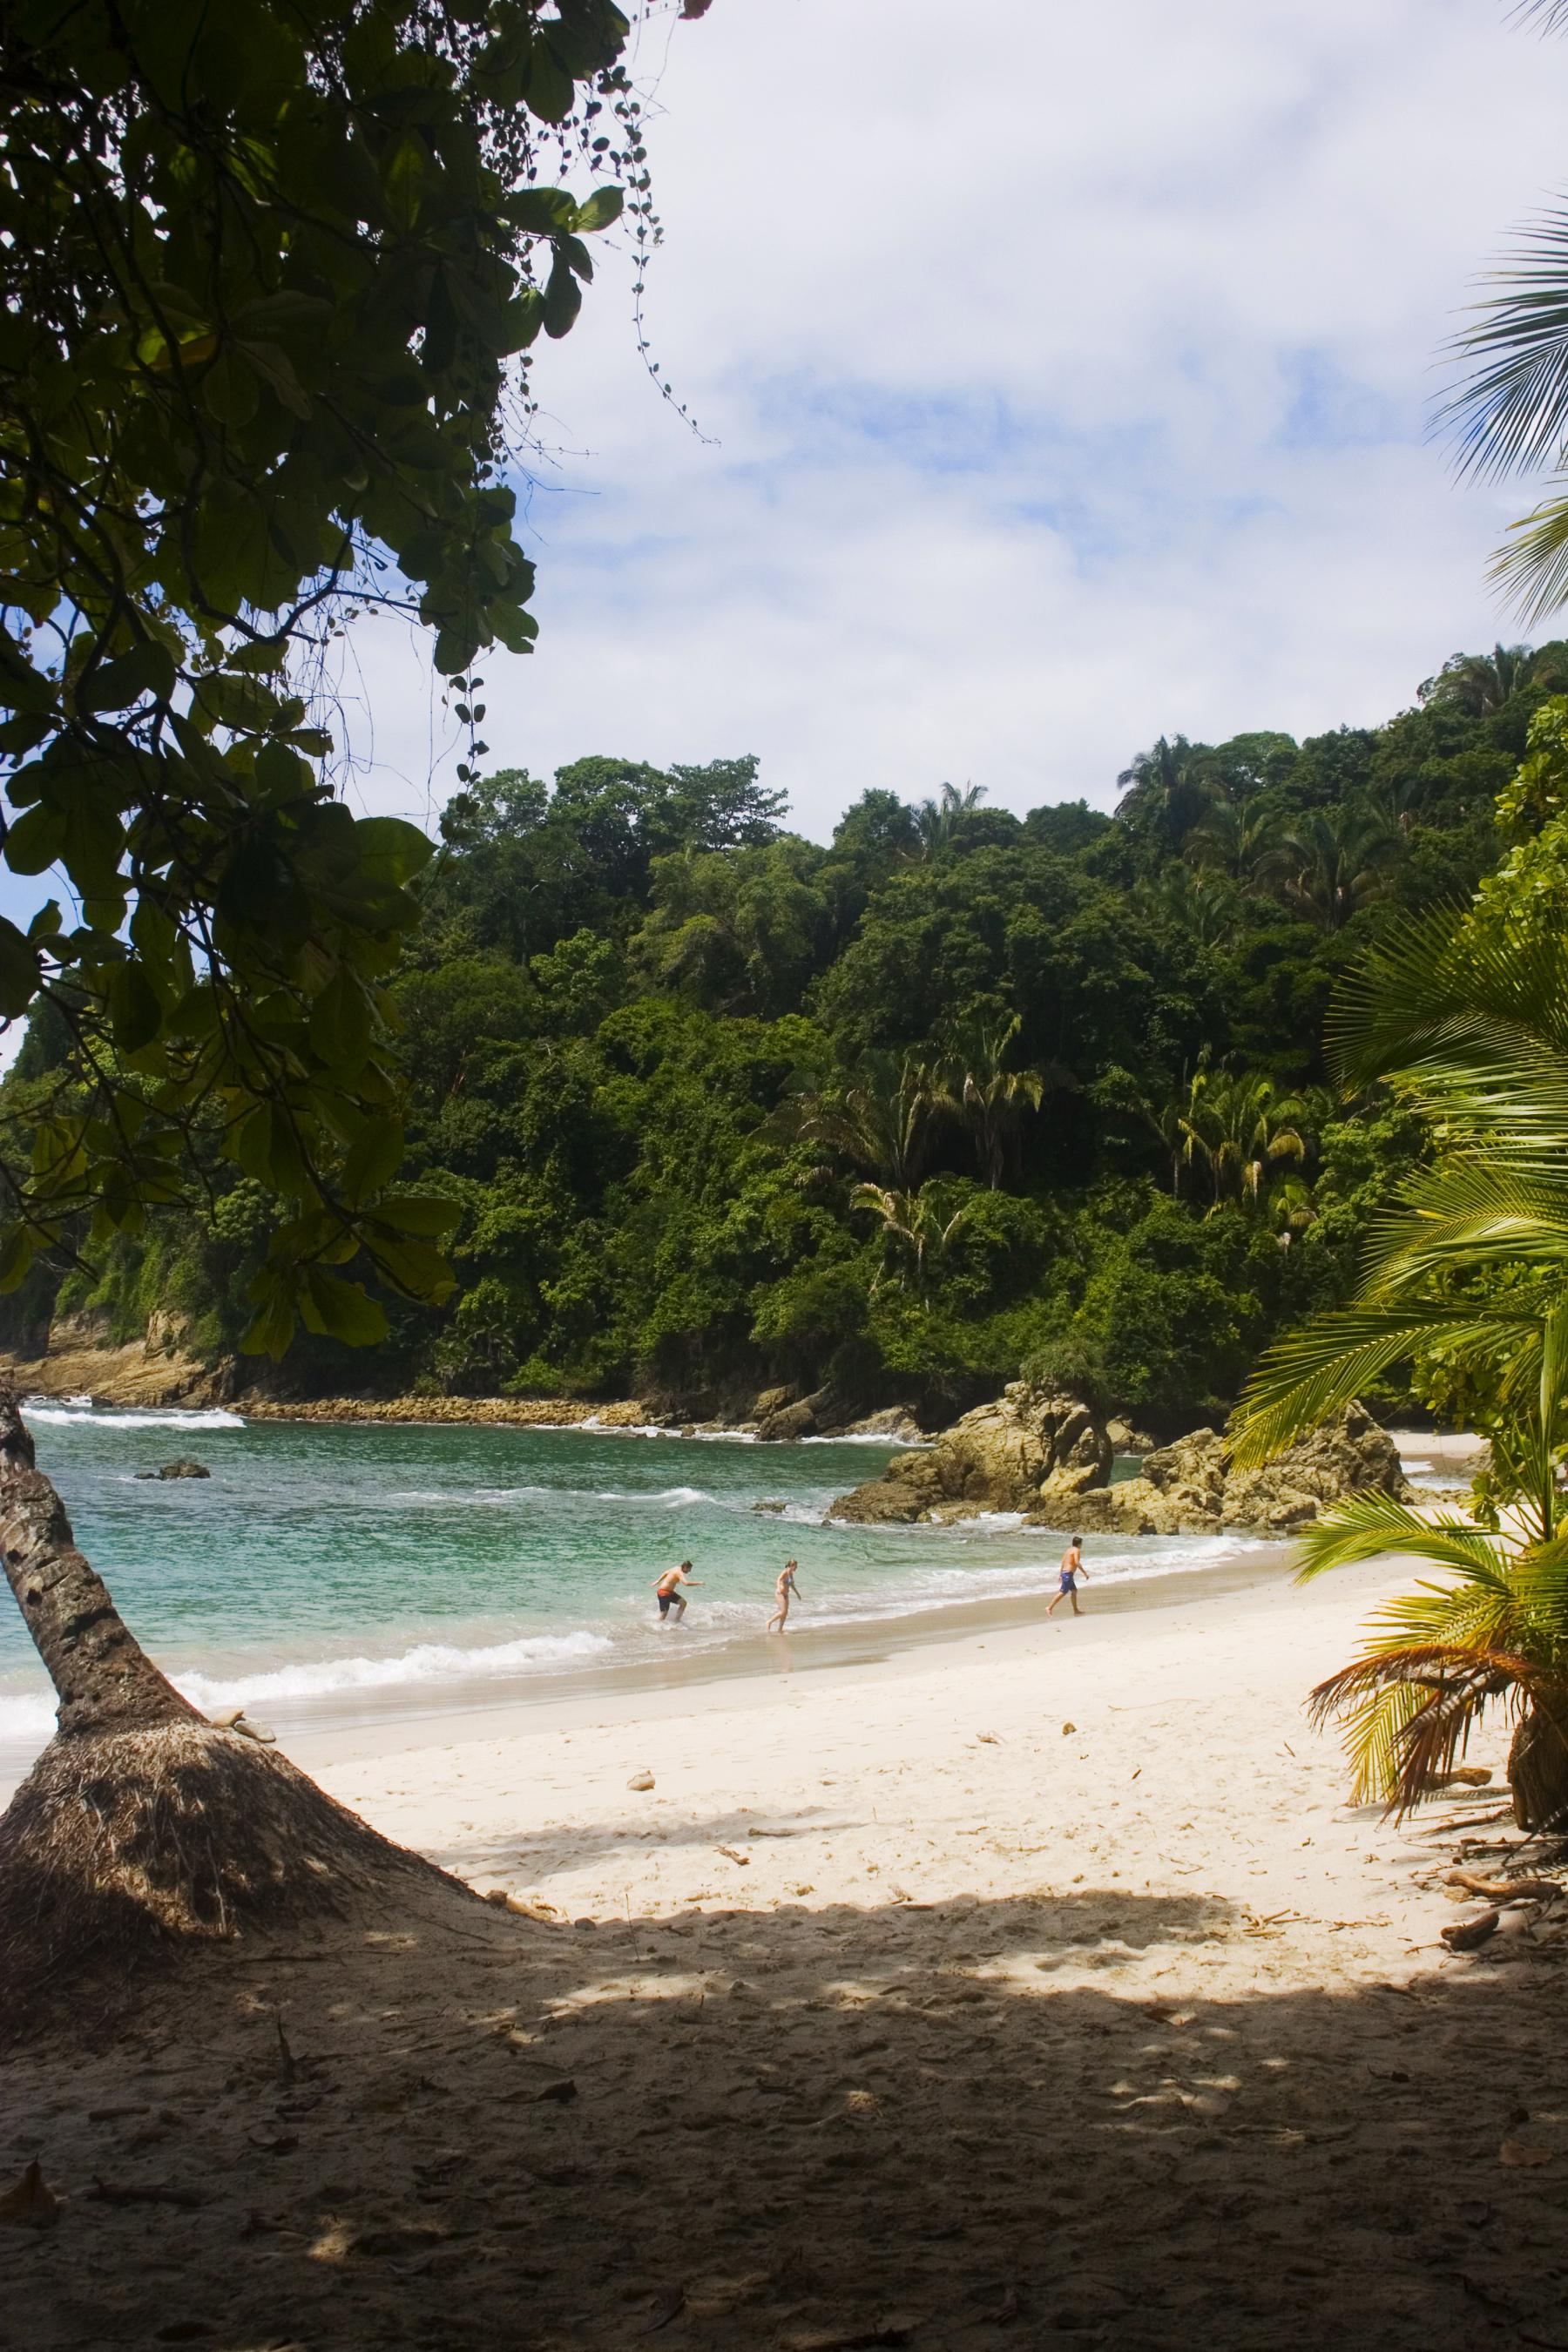 Costa Rica: Parque Manuel Antonio